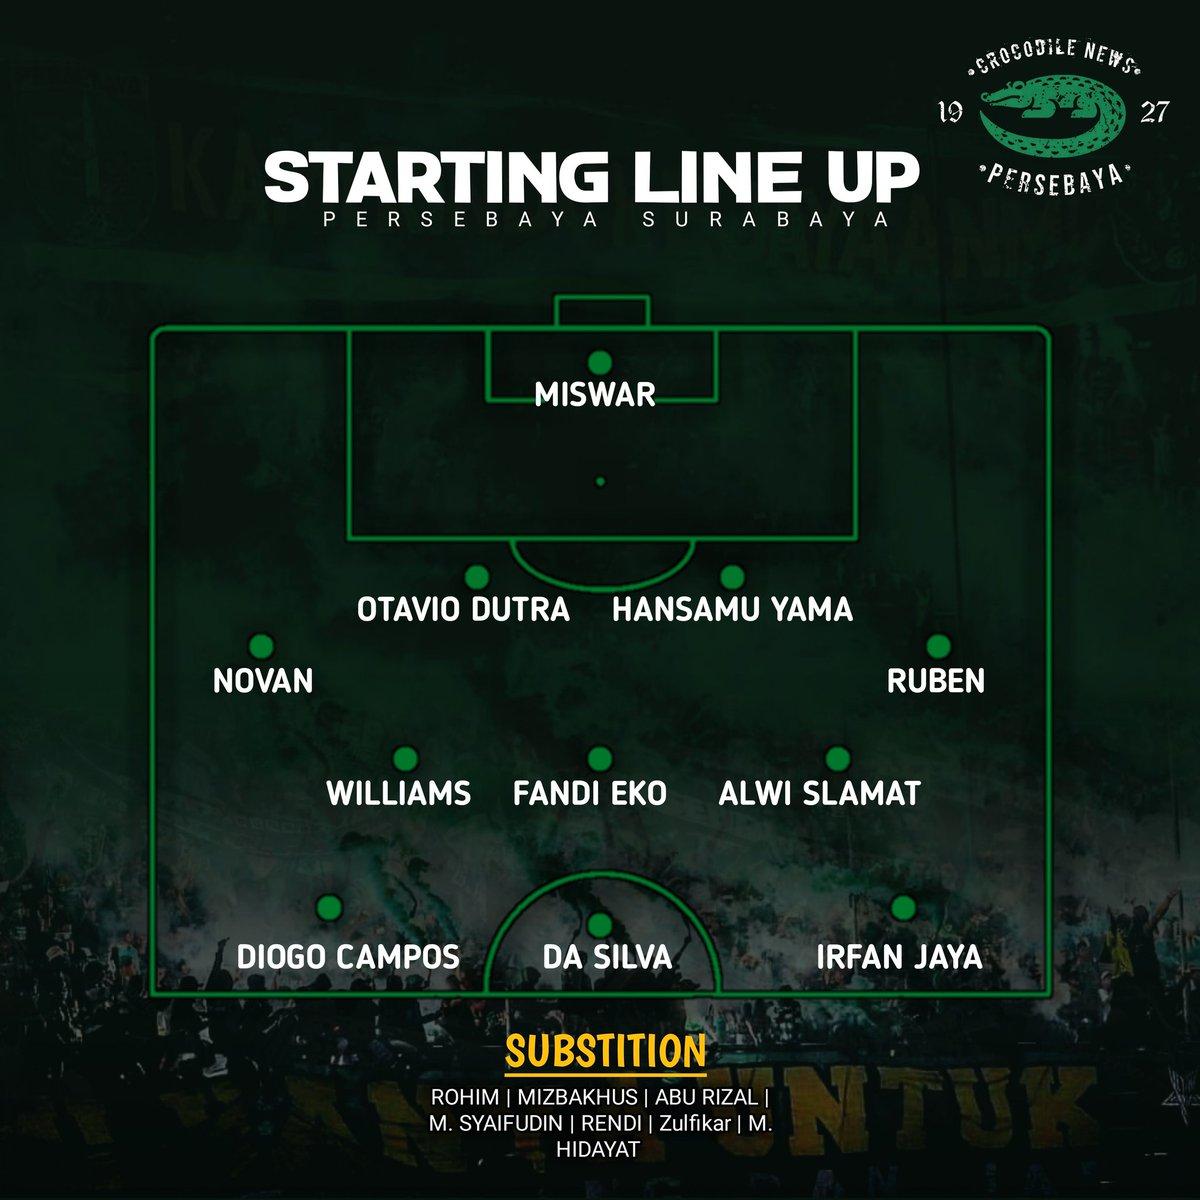 Line Up! ㅤ Susunan pemain Persebaya yang diturunkan Coach Aji Santoso hari ini menghadapi sang tamu Semen Padang FC. ㅤ #Persebaya #bajolijo #greenforce #CrocodileNews #bonek #bonita #PersebayaDay